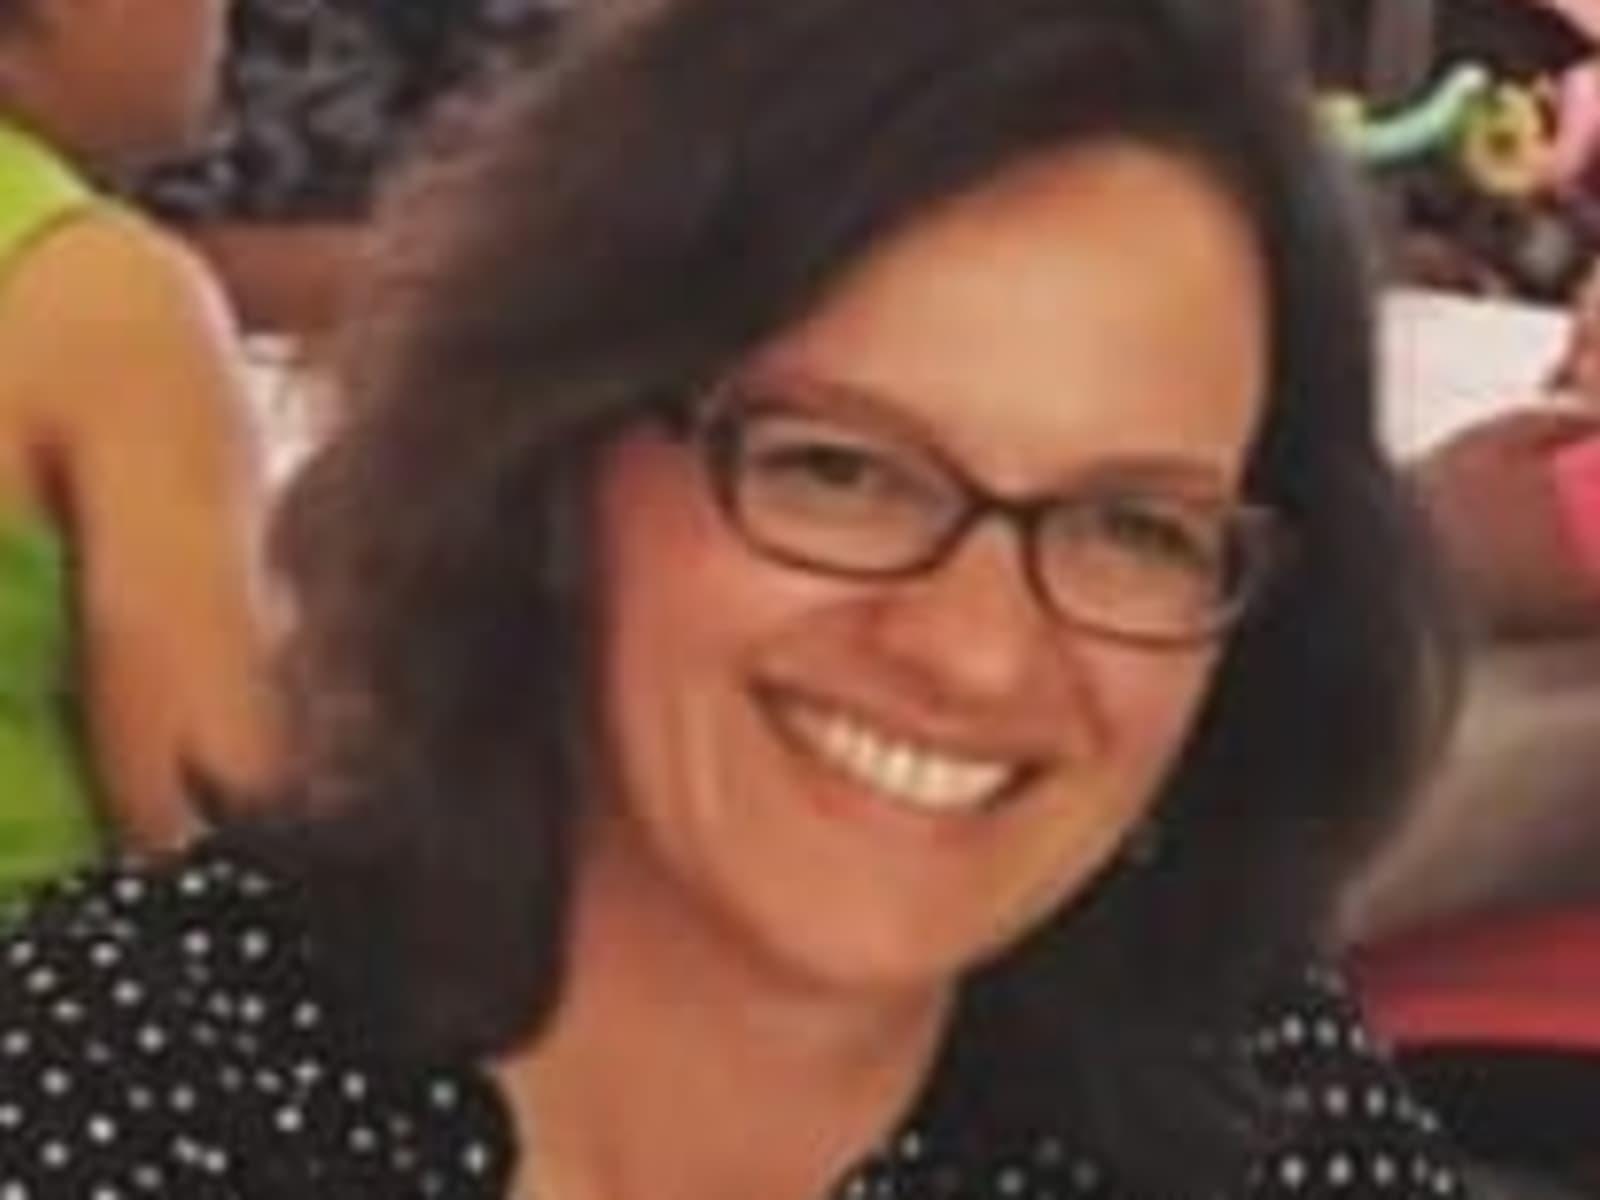 Juliellen from Richmond, Virginia, United States